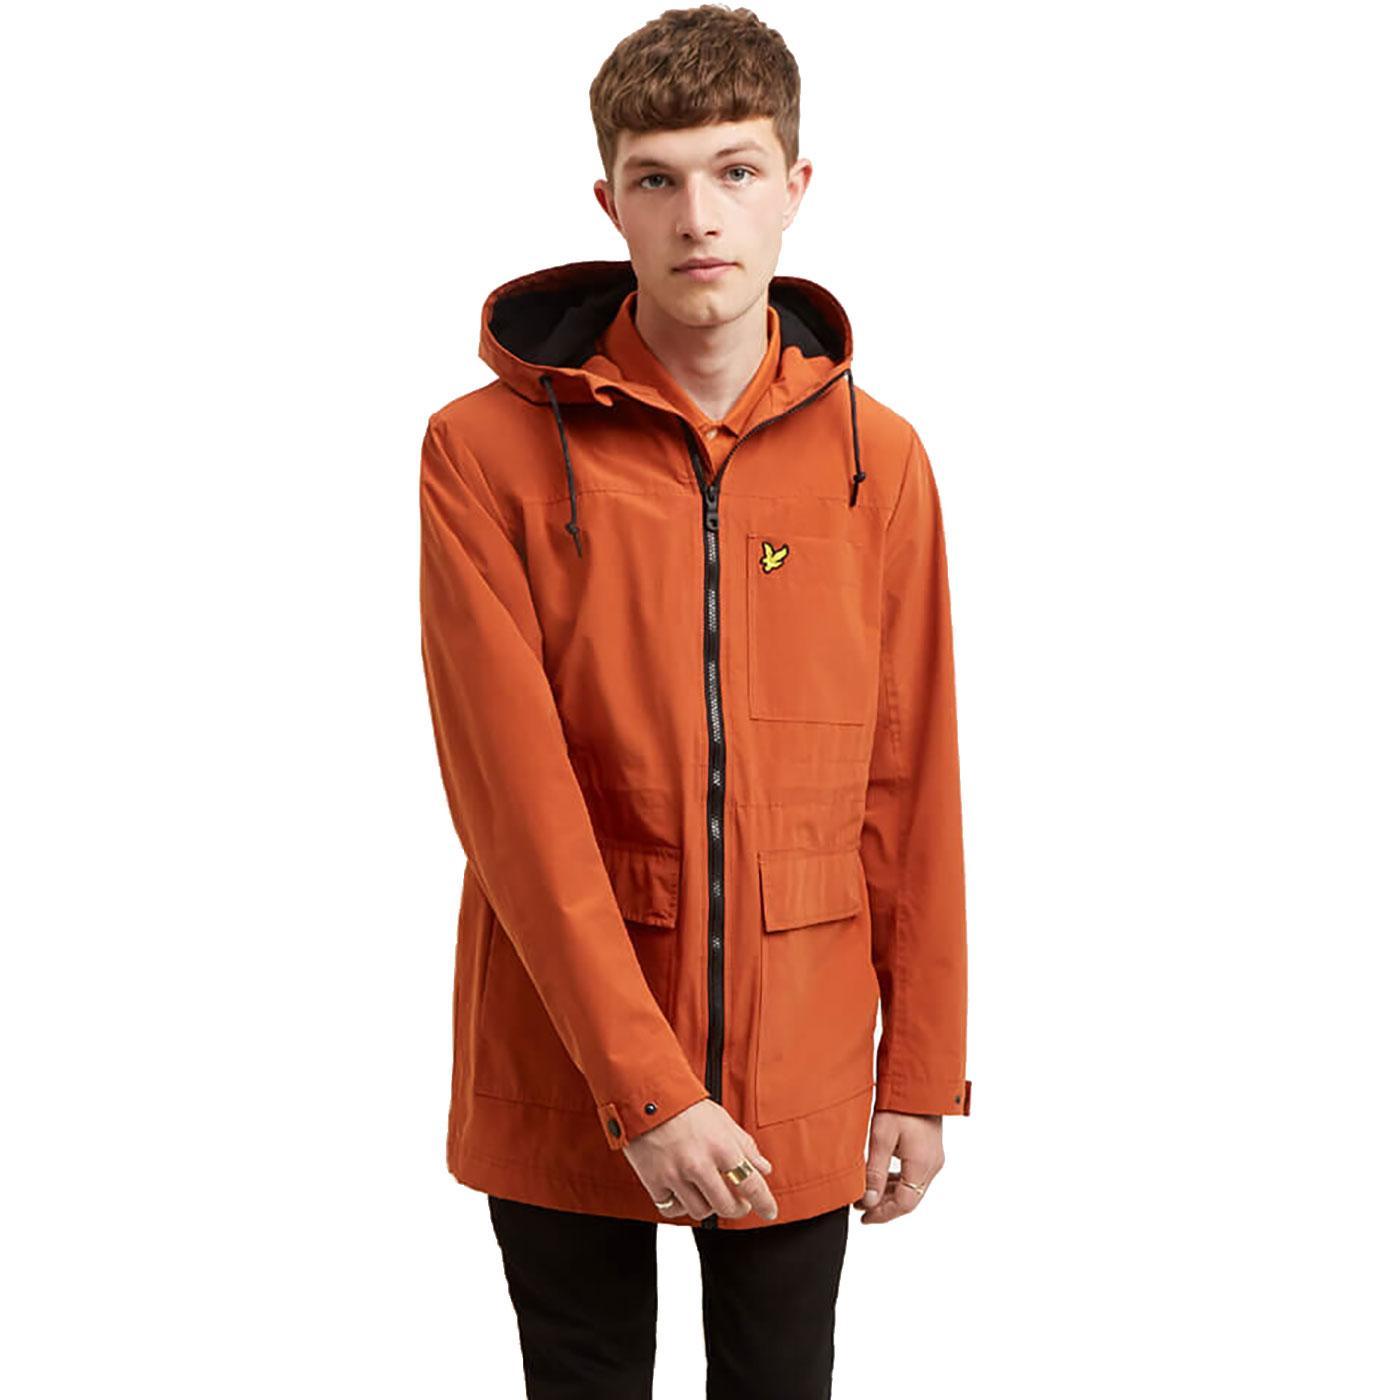 LYLE & SCOTT Mod Microfleece Lined Hooded Jacket